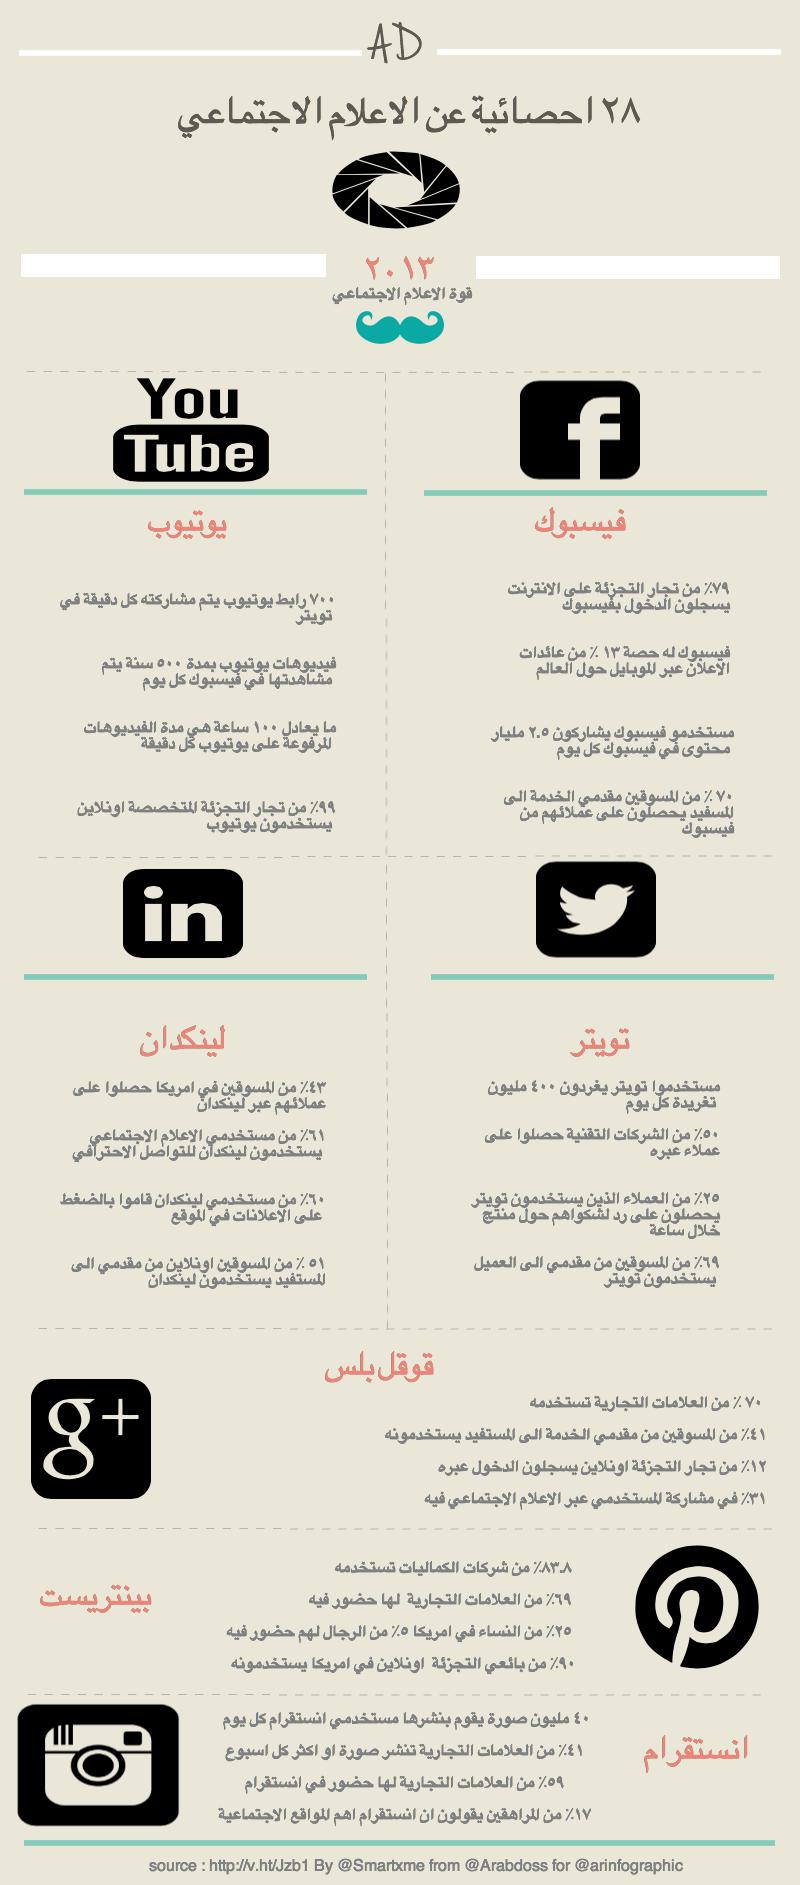 احصائيات عن الاعلام الاجتماعي #انفوجرافيك